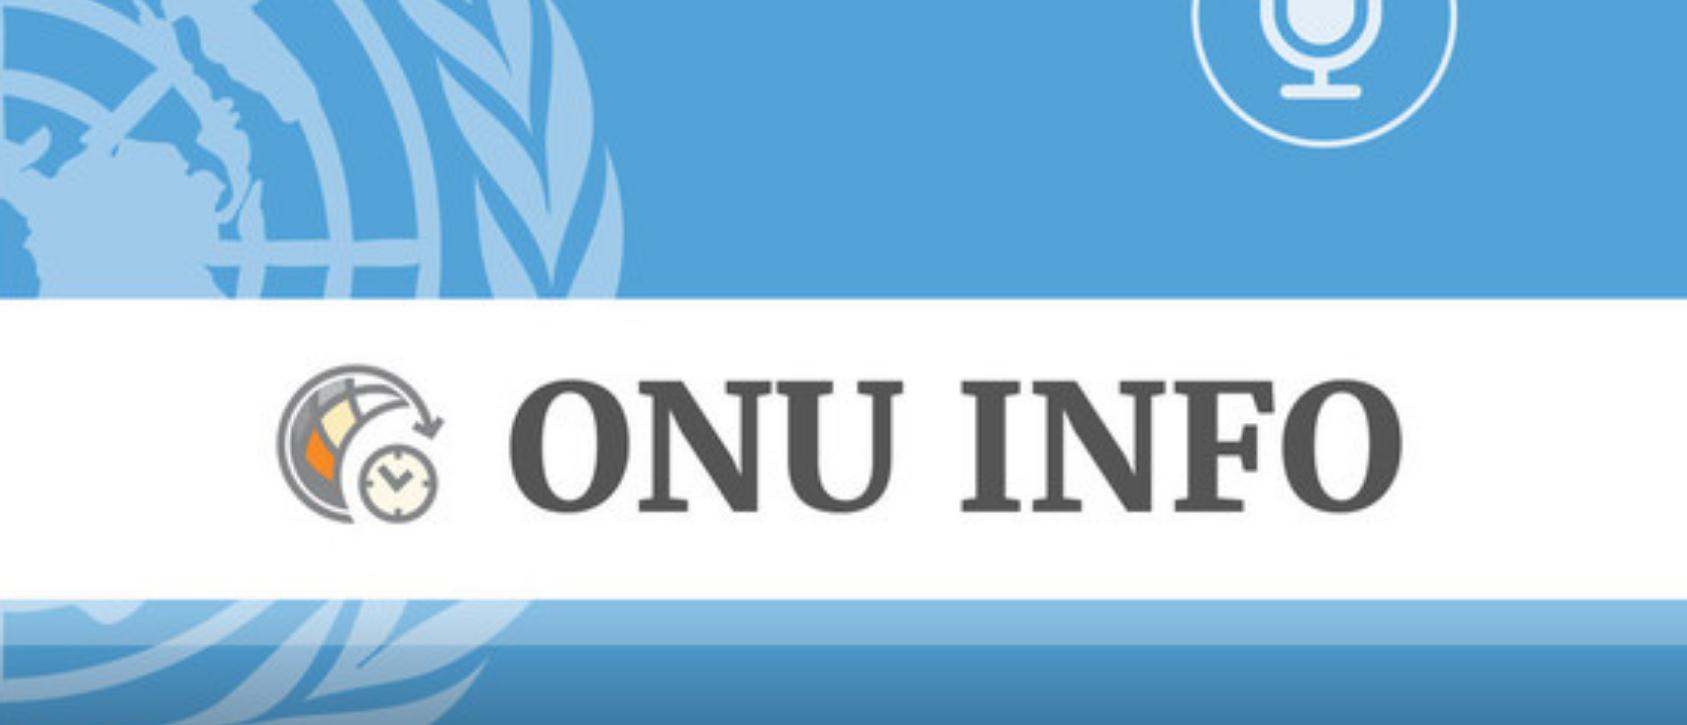 🎙️ Bulletin ONU Info du 31 juillet 2020 (édition spéciale) : Un revenu de base provisoire pour 3 milliards de personnes